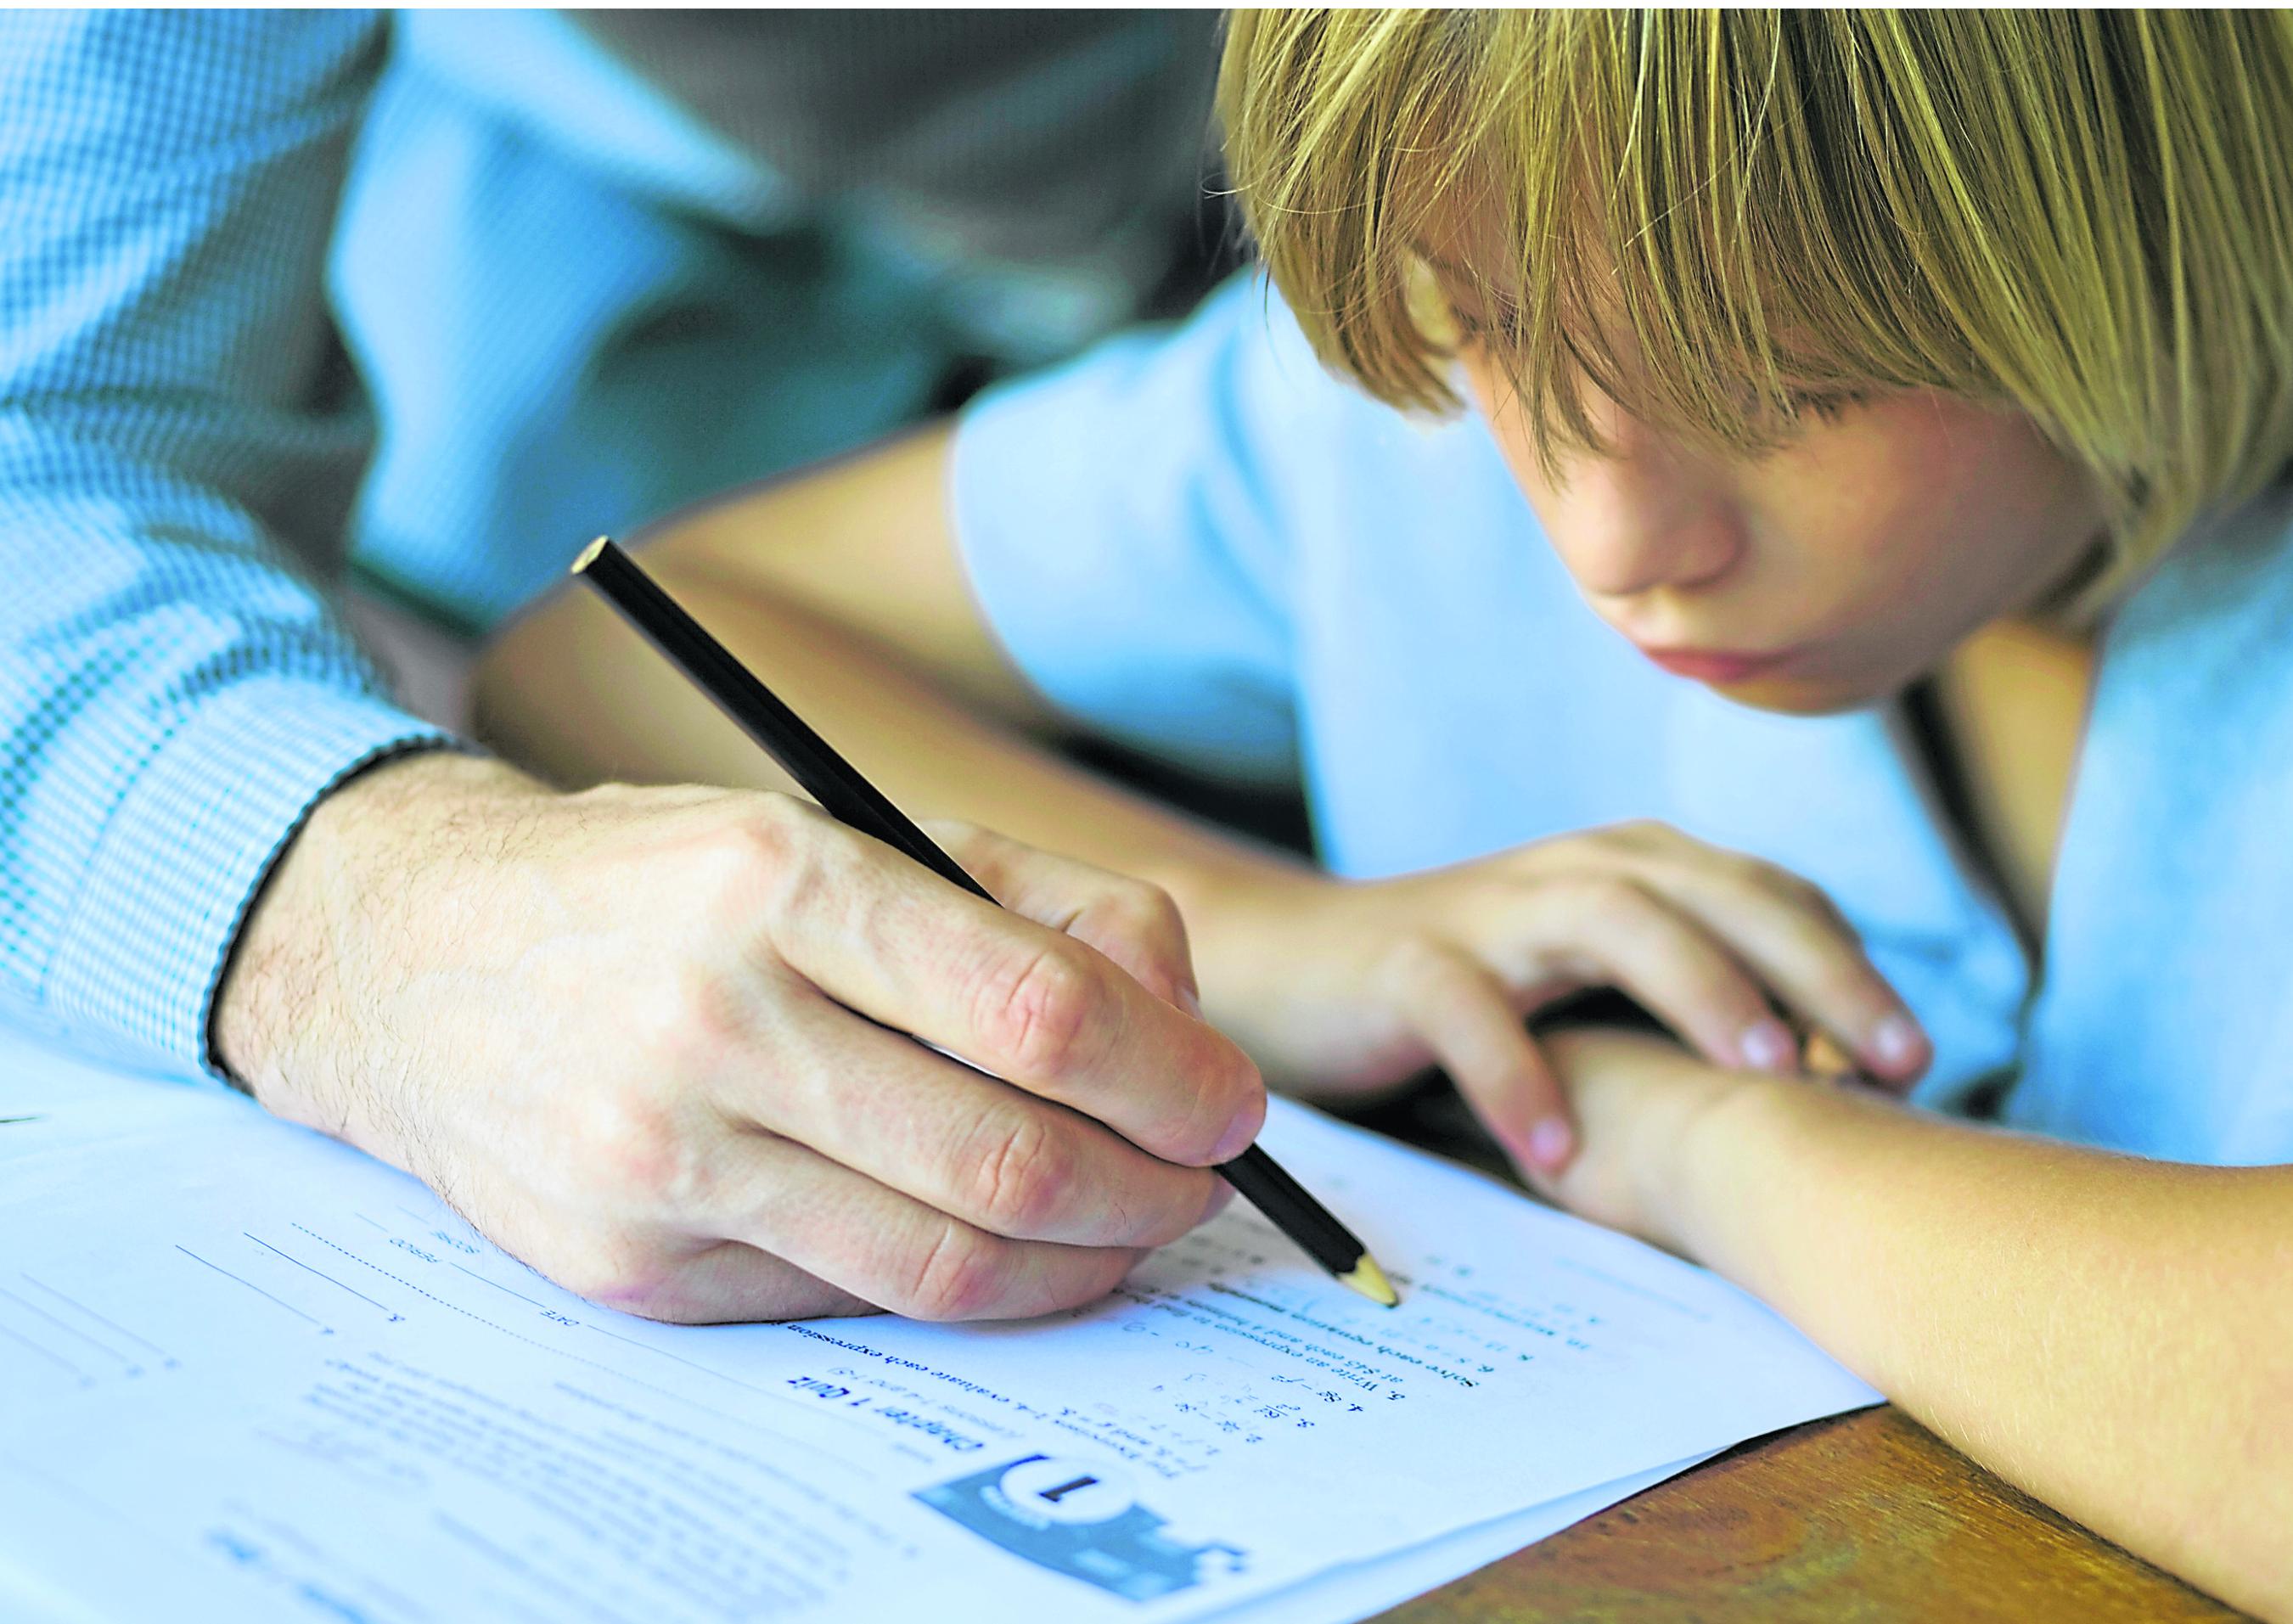 Comment bien choisir l'organisme de soutien scolaire pour votre enfant ?